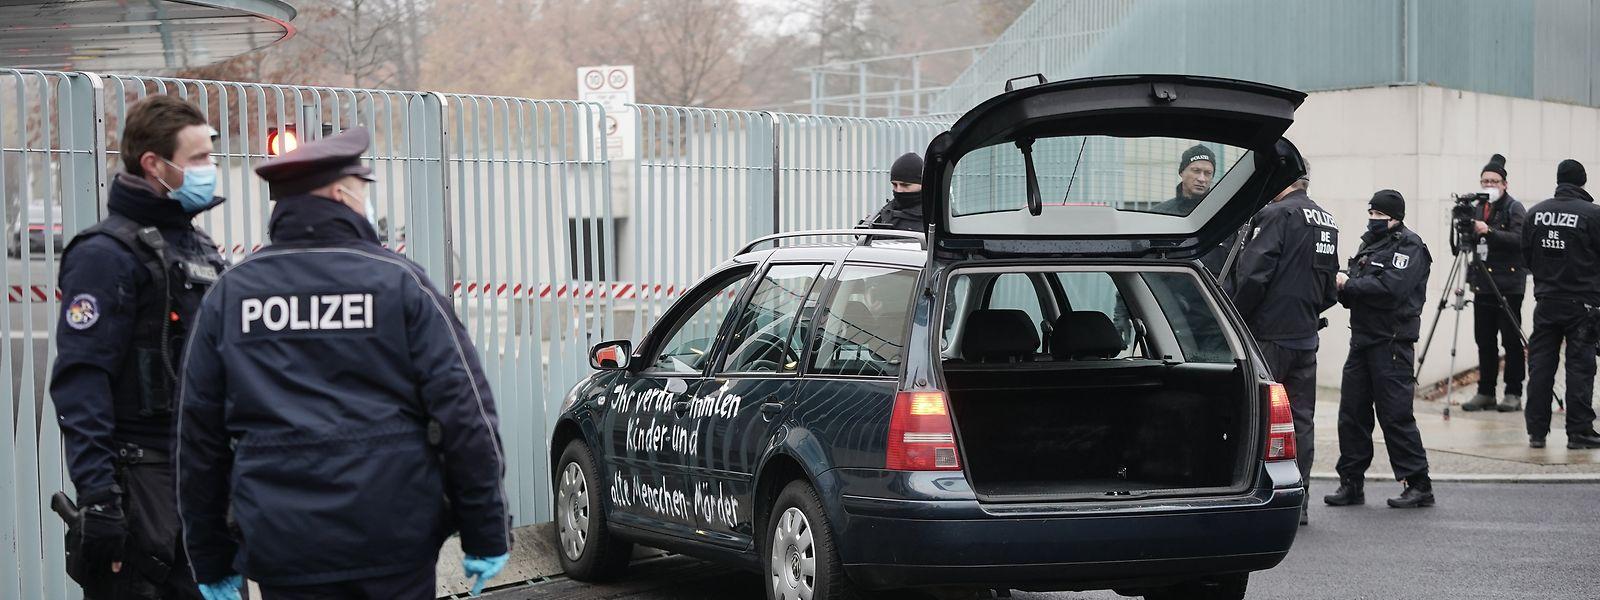 Ein Auto steht vor dem Tor des Bundeskanzleramts. Auf der Seite des augenscheinlich unbeschädigten dunklen Kombis steht in weißer Schrift eine Beschimpfung geschrieben: «Ihr verdammten Kinder und alte Menschen-Mörder».